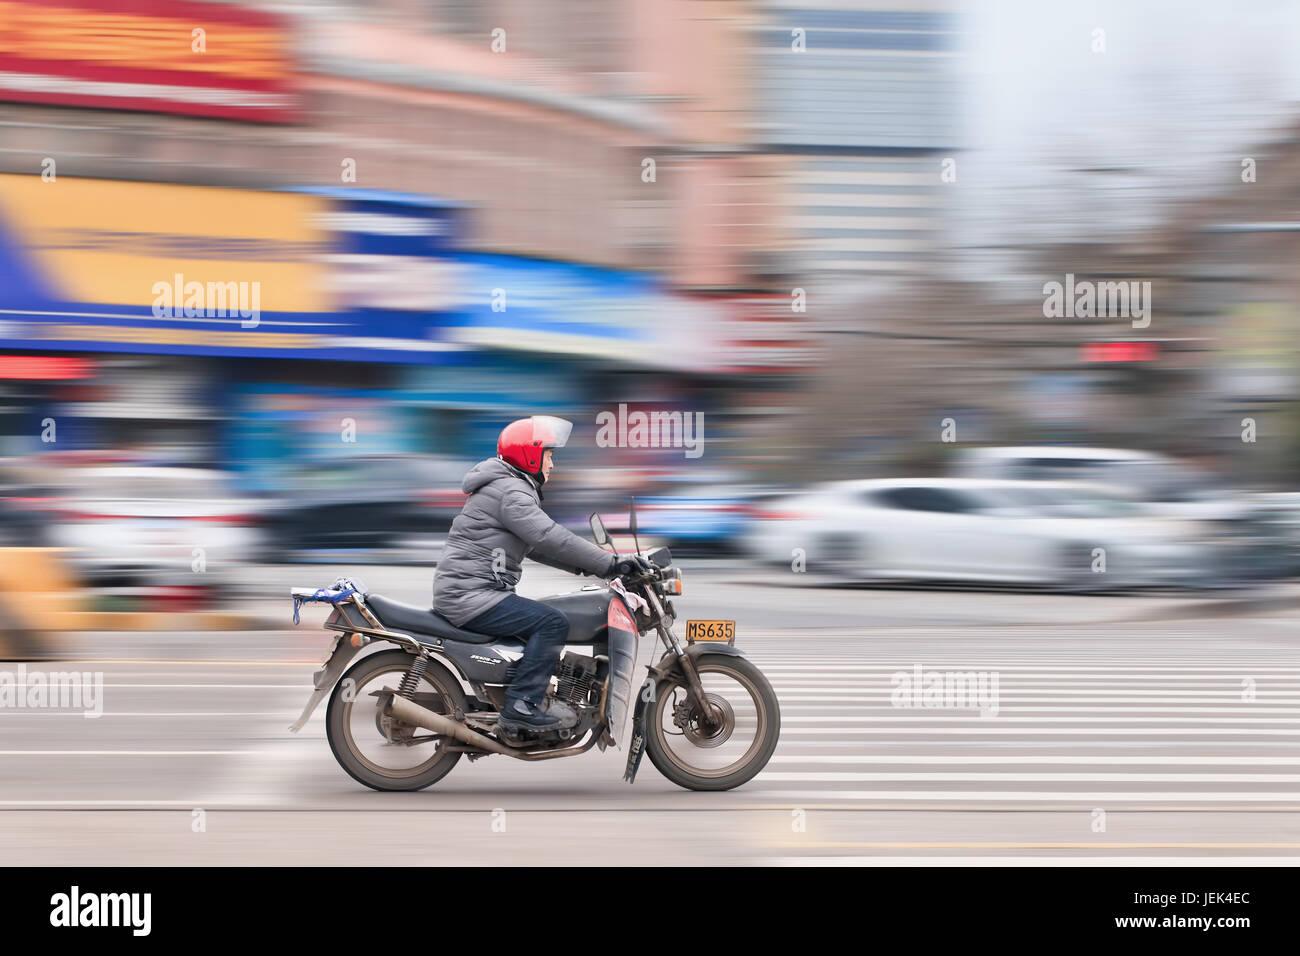 Di YIWU-cina-gen. 26, 2016. Un uomo su una moto. Il Governo vuole vietare uscire i gas scooter e motociclette che Immagini Stock